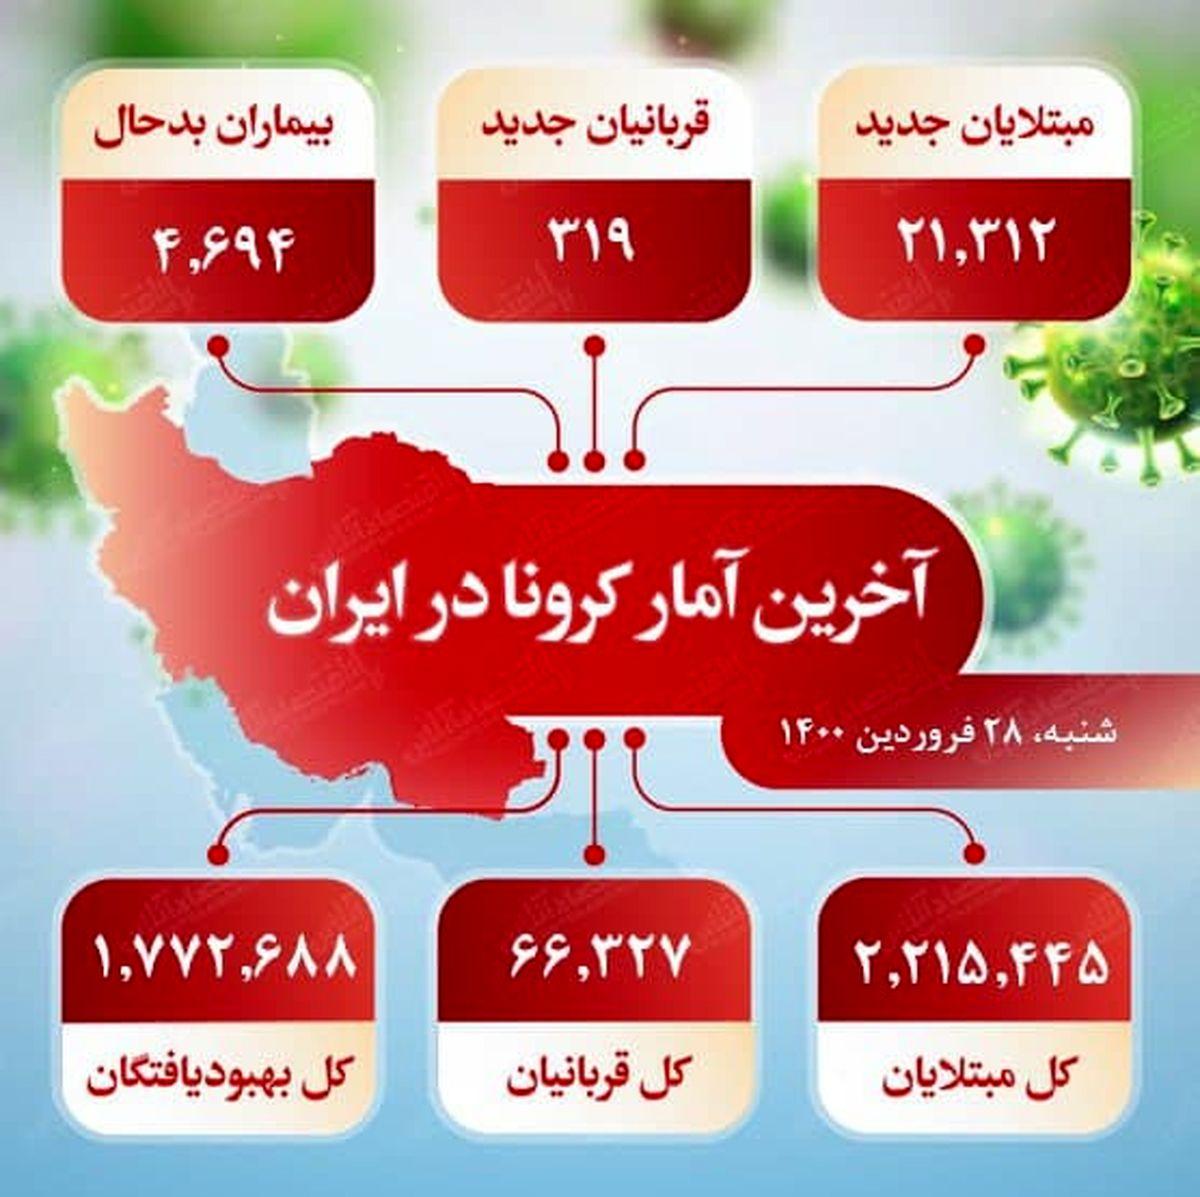 آخرین آمار کرونا در ایران (۱۴۰۰/۱/۲۸)